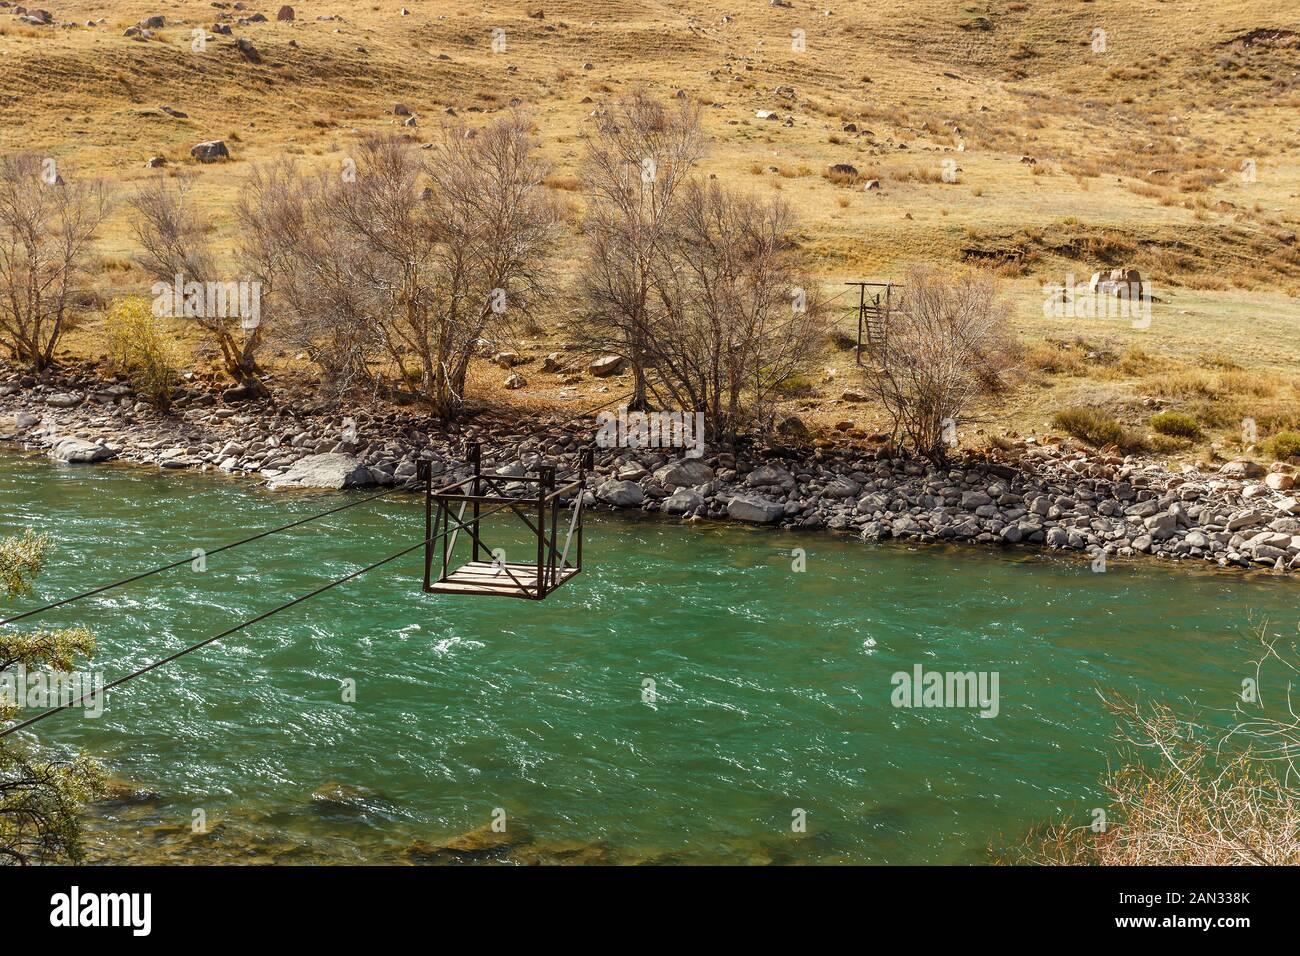 Río Djumgal Kokemeren, Kirguistán, cruzar el río, del ferry que cruza el río de montaña Foto de stock